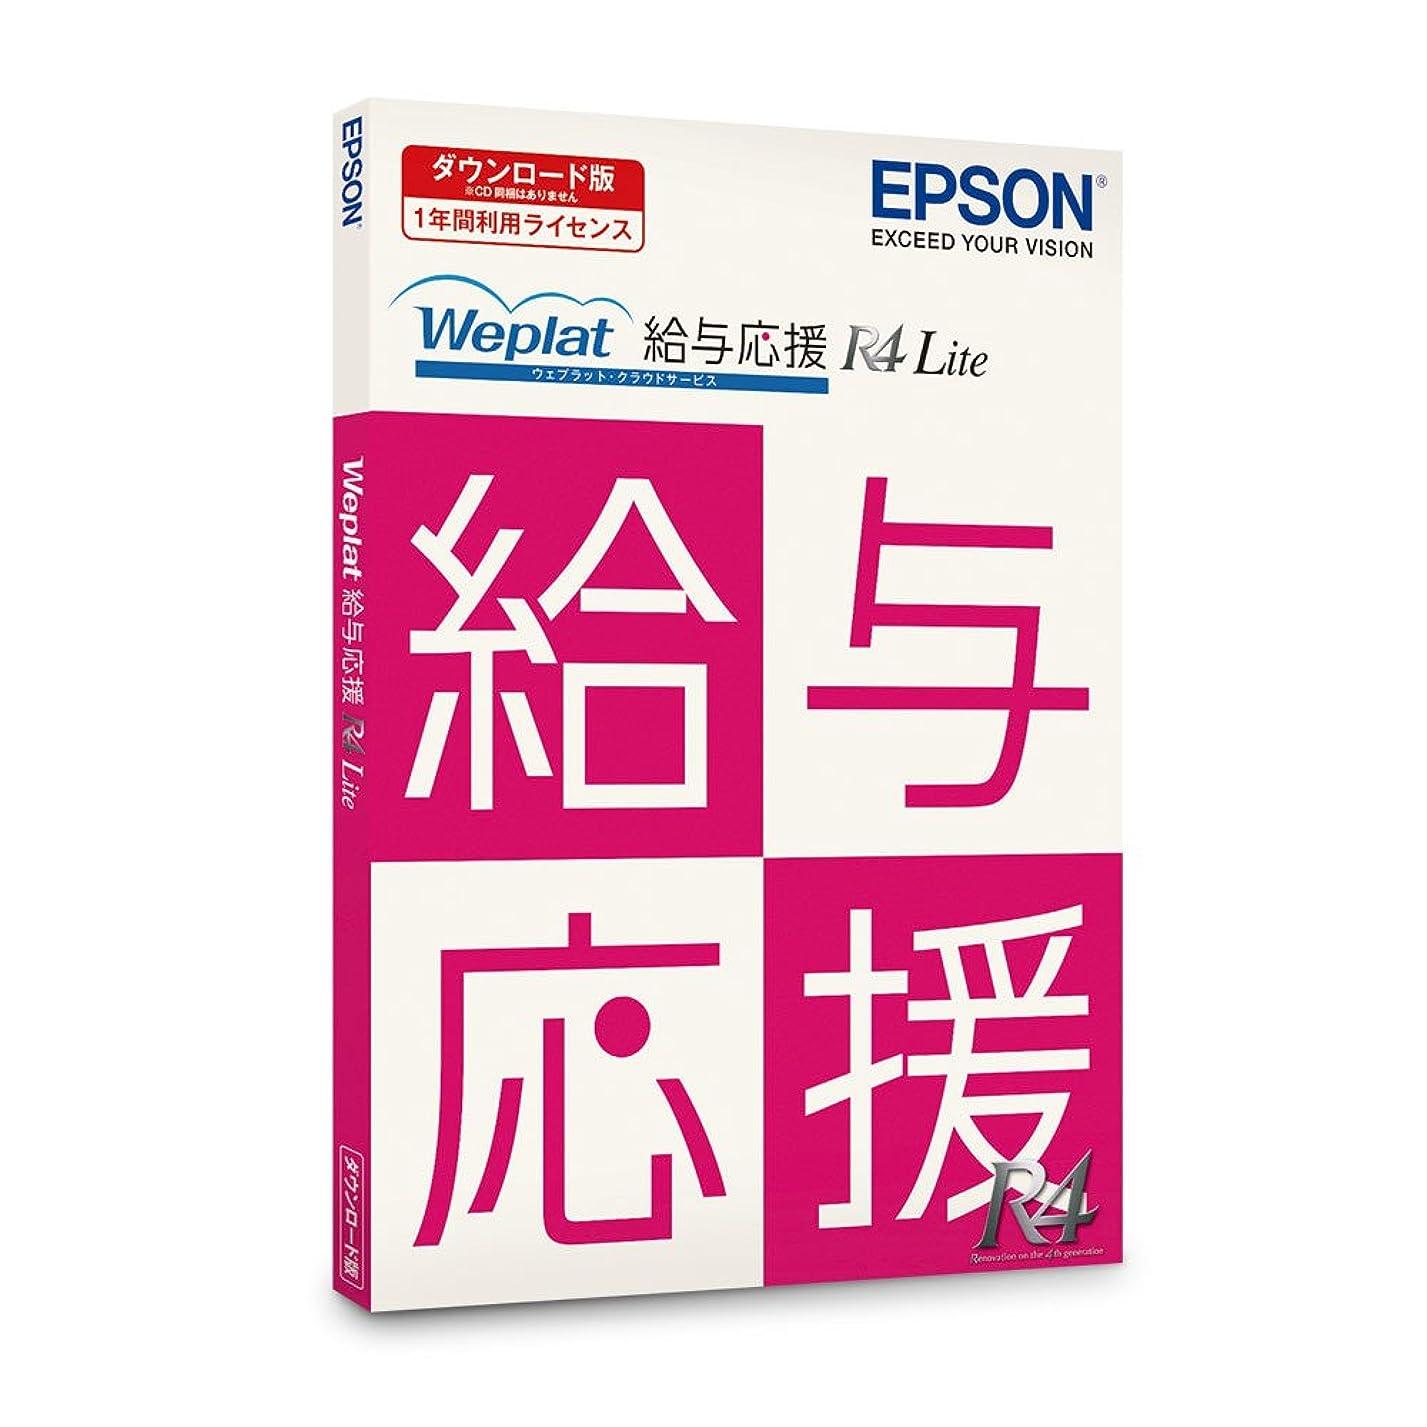 コーナーパッケージ恩赦Weplat 給与応援 R4 Lite | ダウンロード版